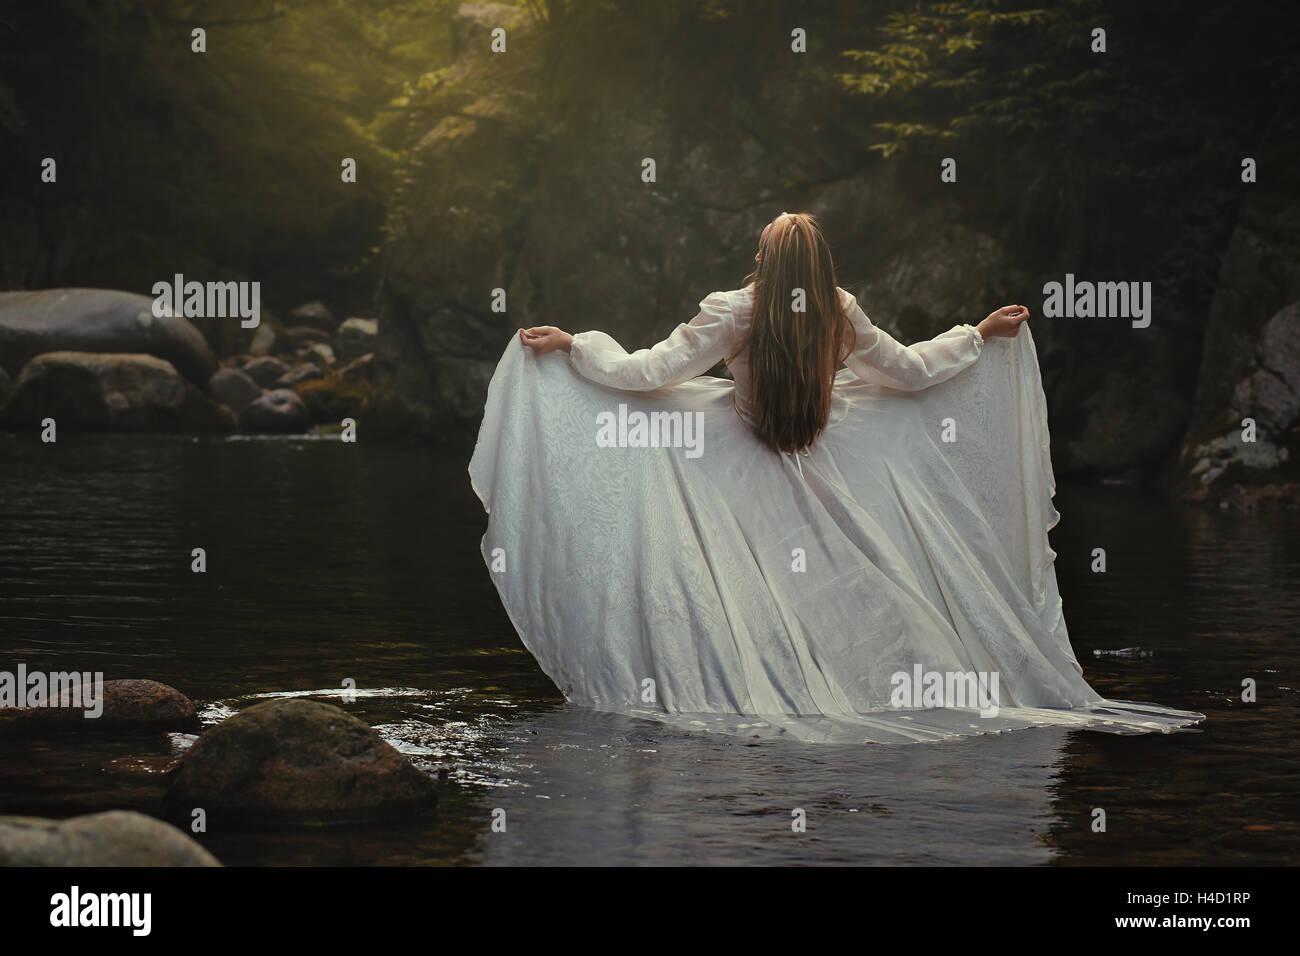 Ätherische Frau die Fluss-Musik hören. Surreal und romantisch Stockbild